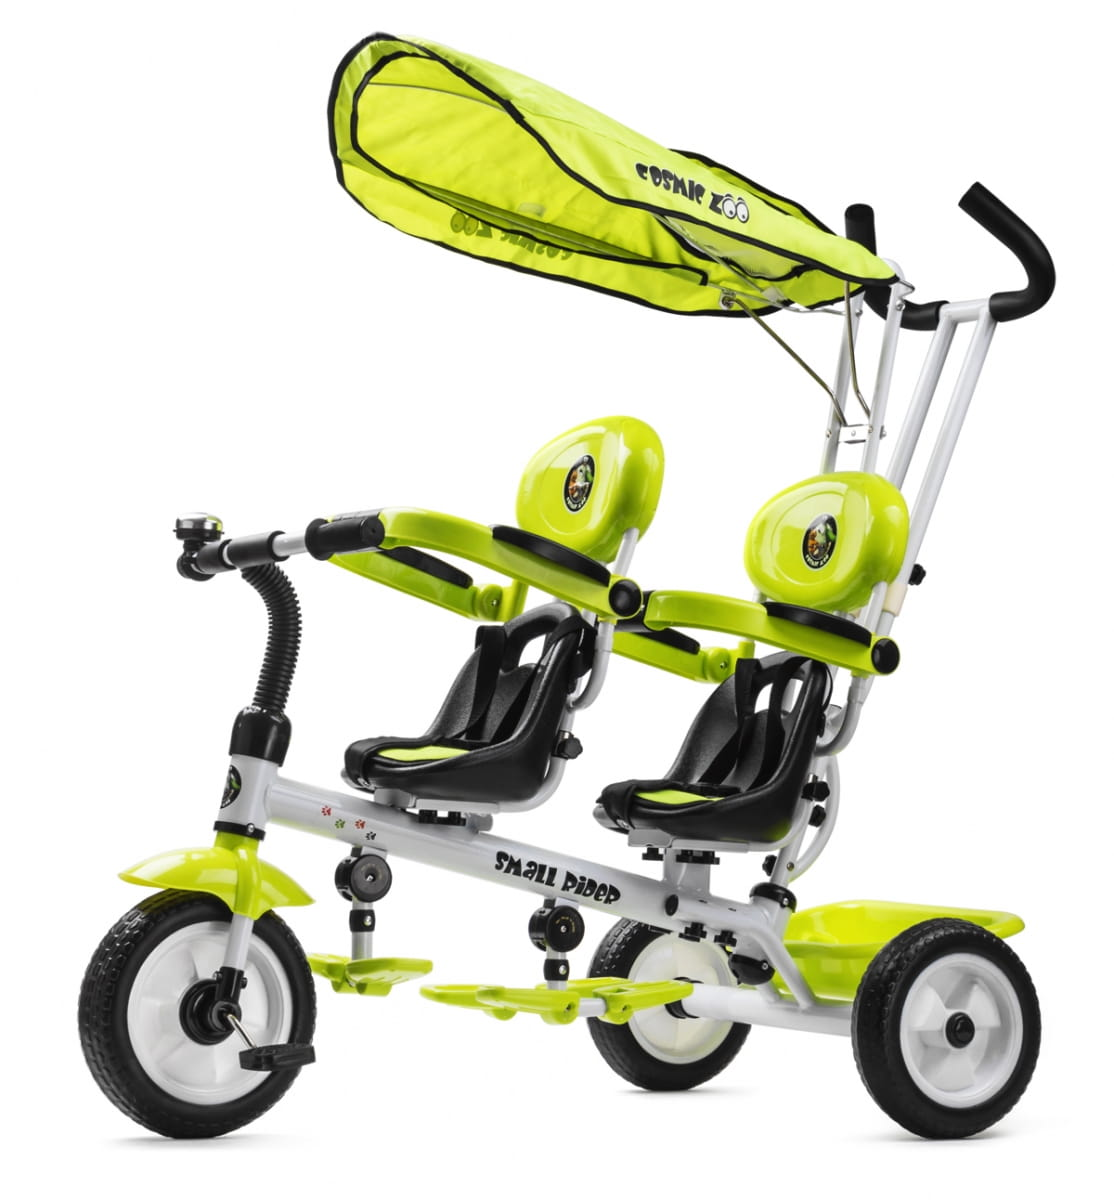 Детский трехколесный велосипед для двоих детей Small Rider Cosmic Zoo Twins - зеленый